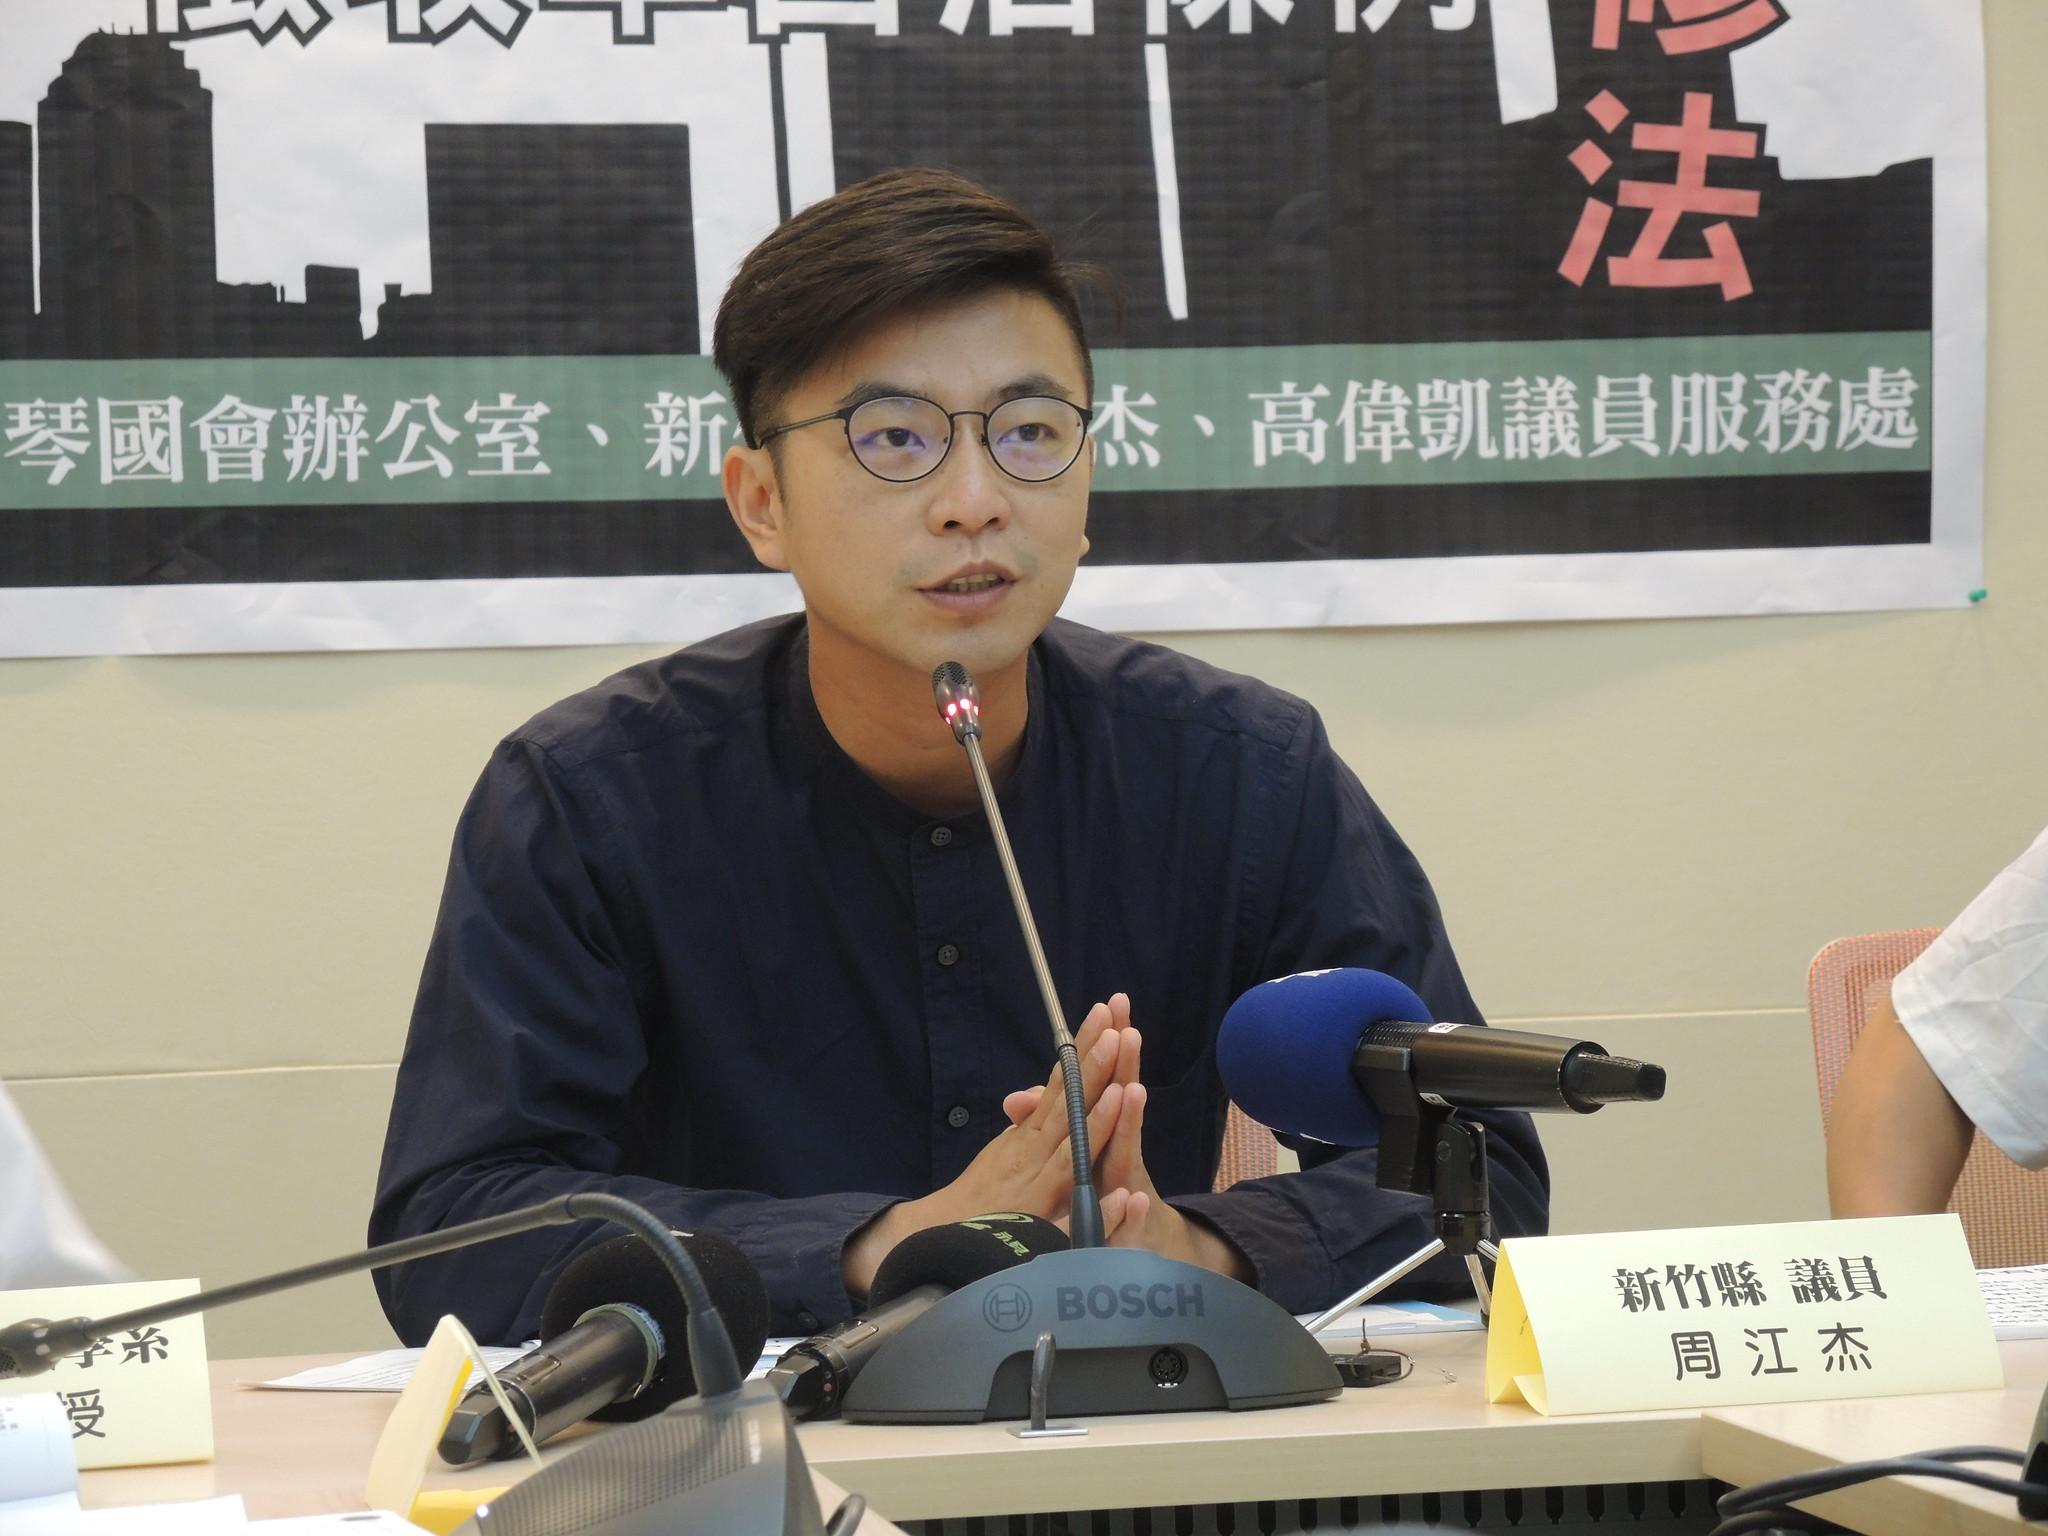 周江杰指出,原本提高非自用住宅房屋税就是让新竹县政府解决当前财务困窘的问题,能够有足够的财源来做基础设施。(摄影:曾福全)